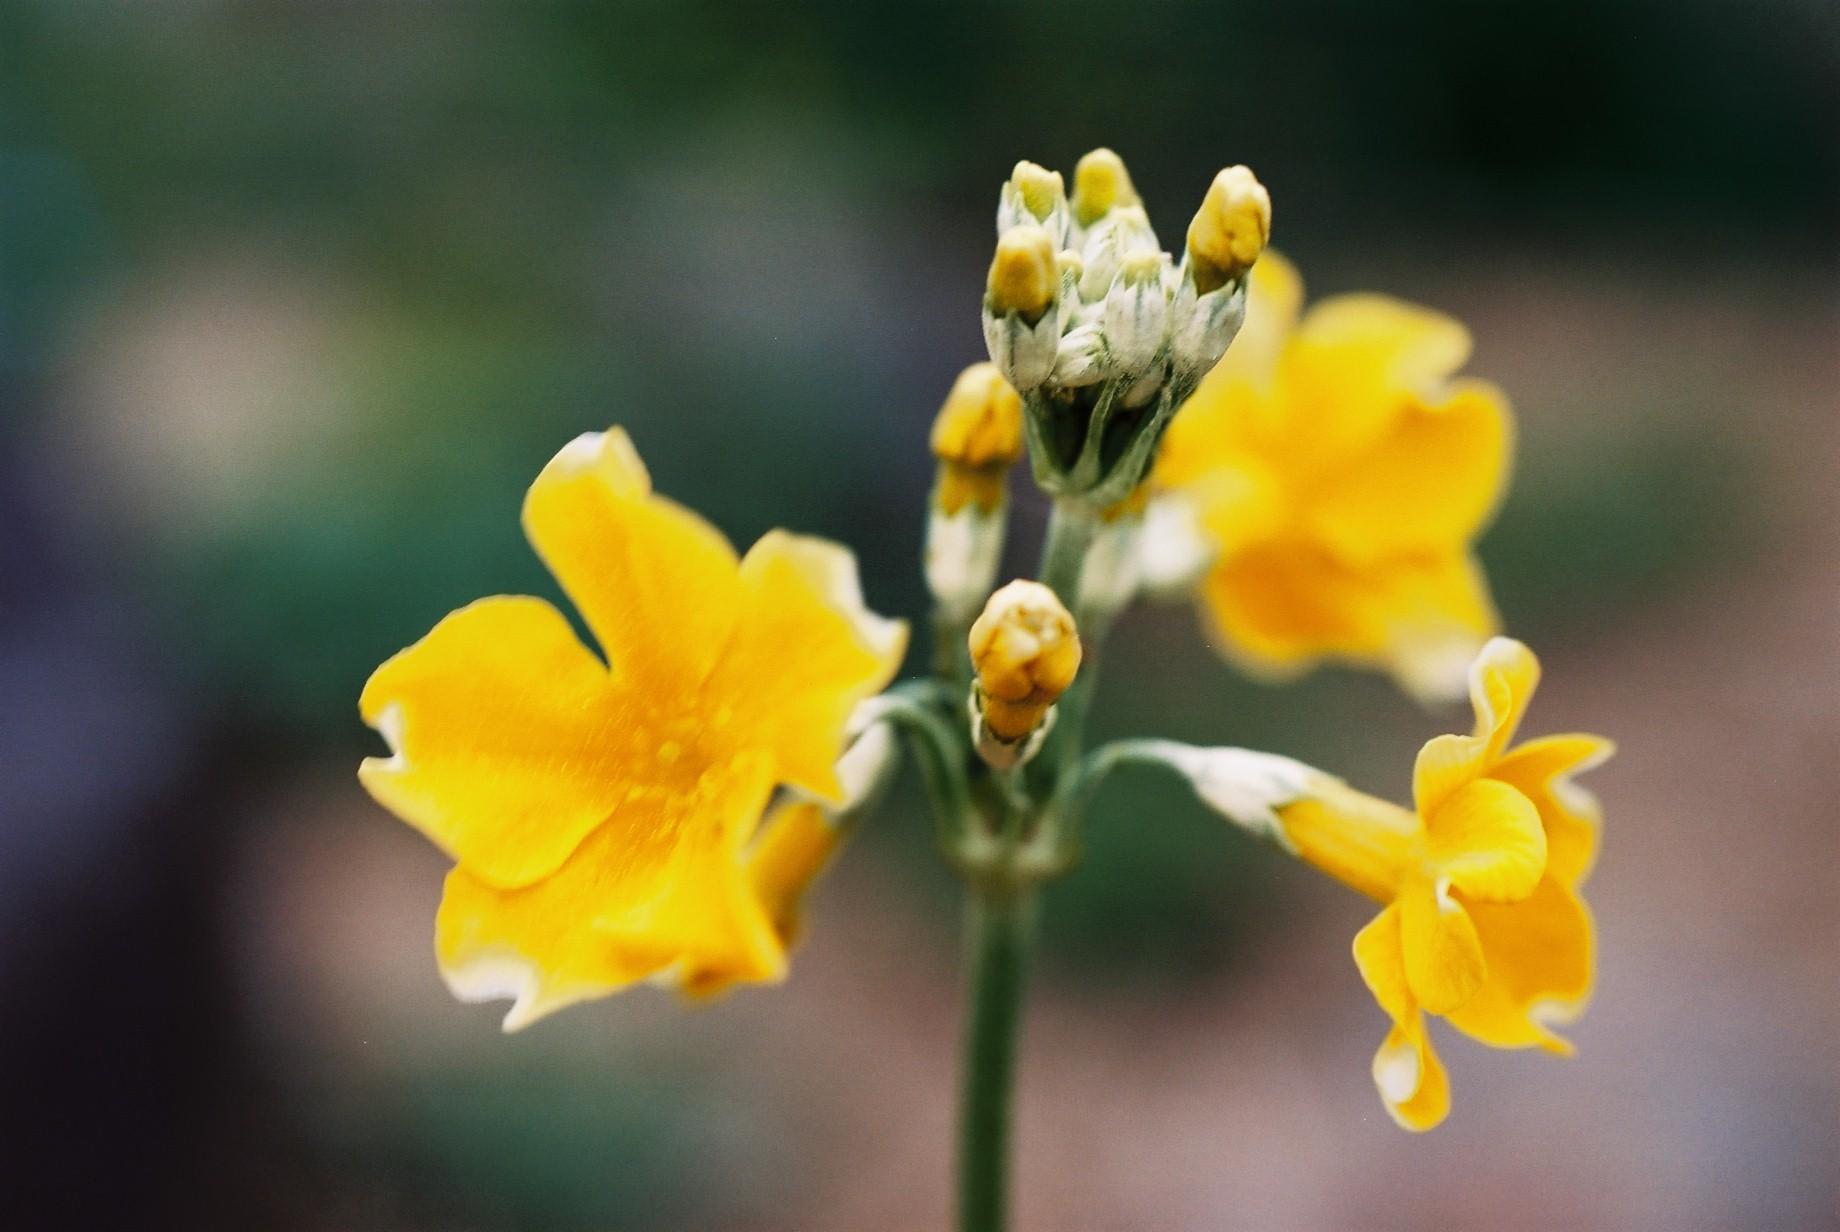 春まだ遠く…花13_a0103650_13525833.jpg